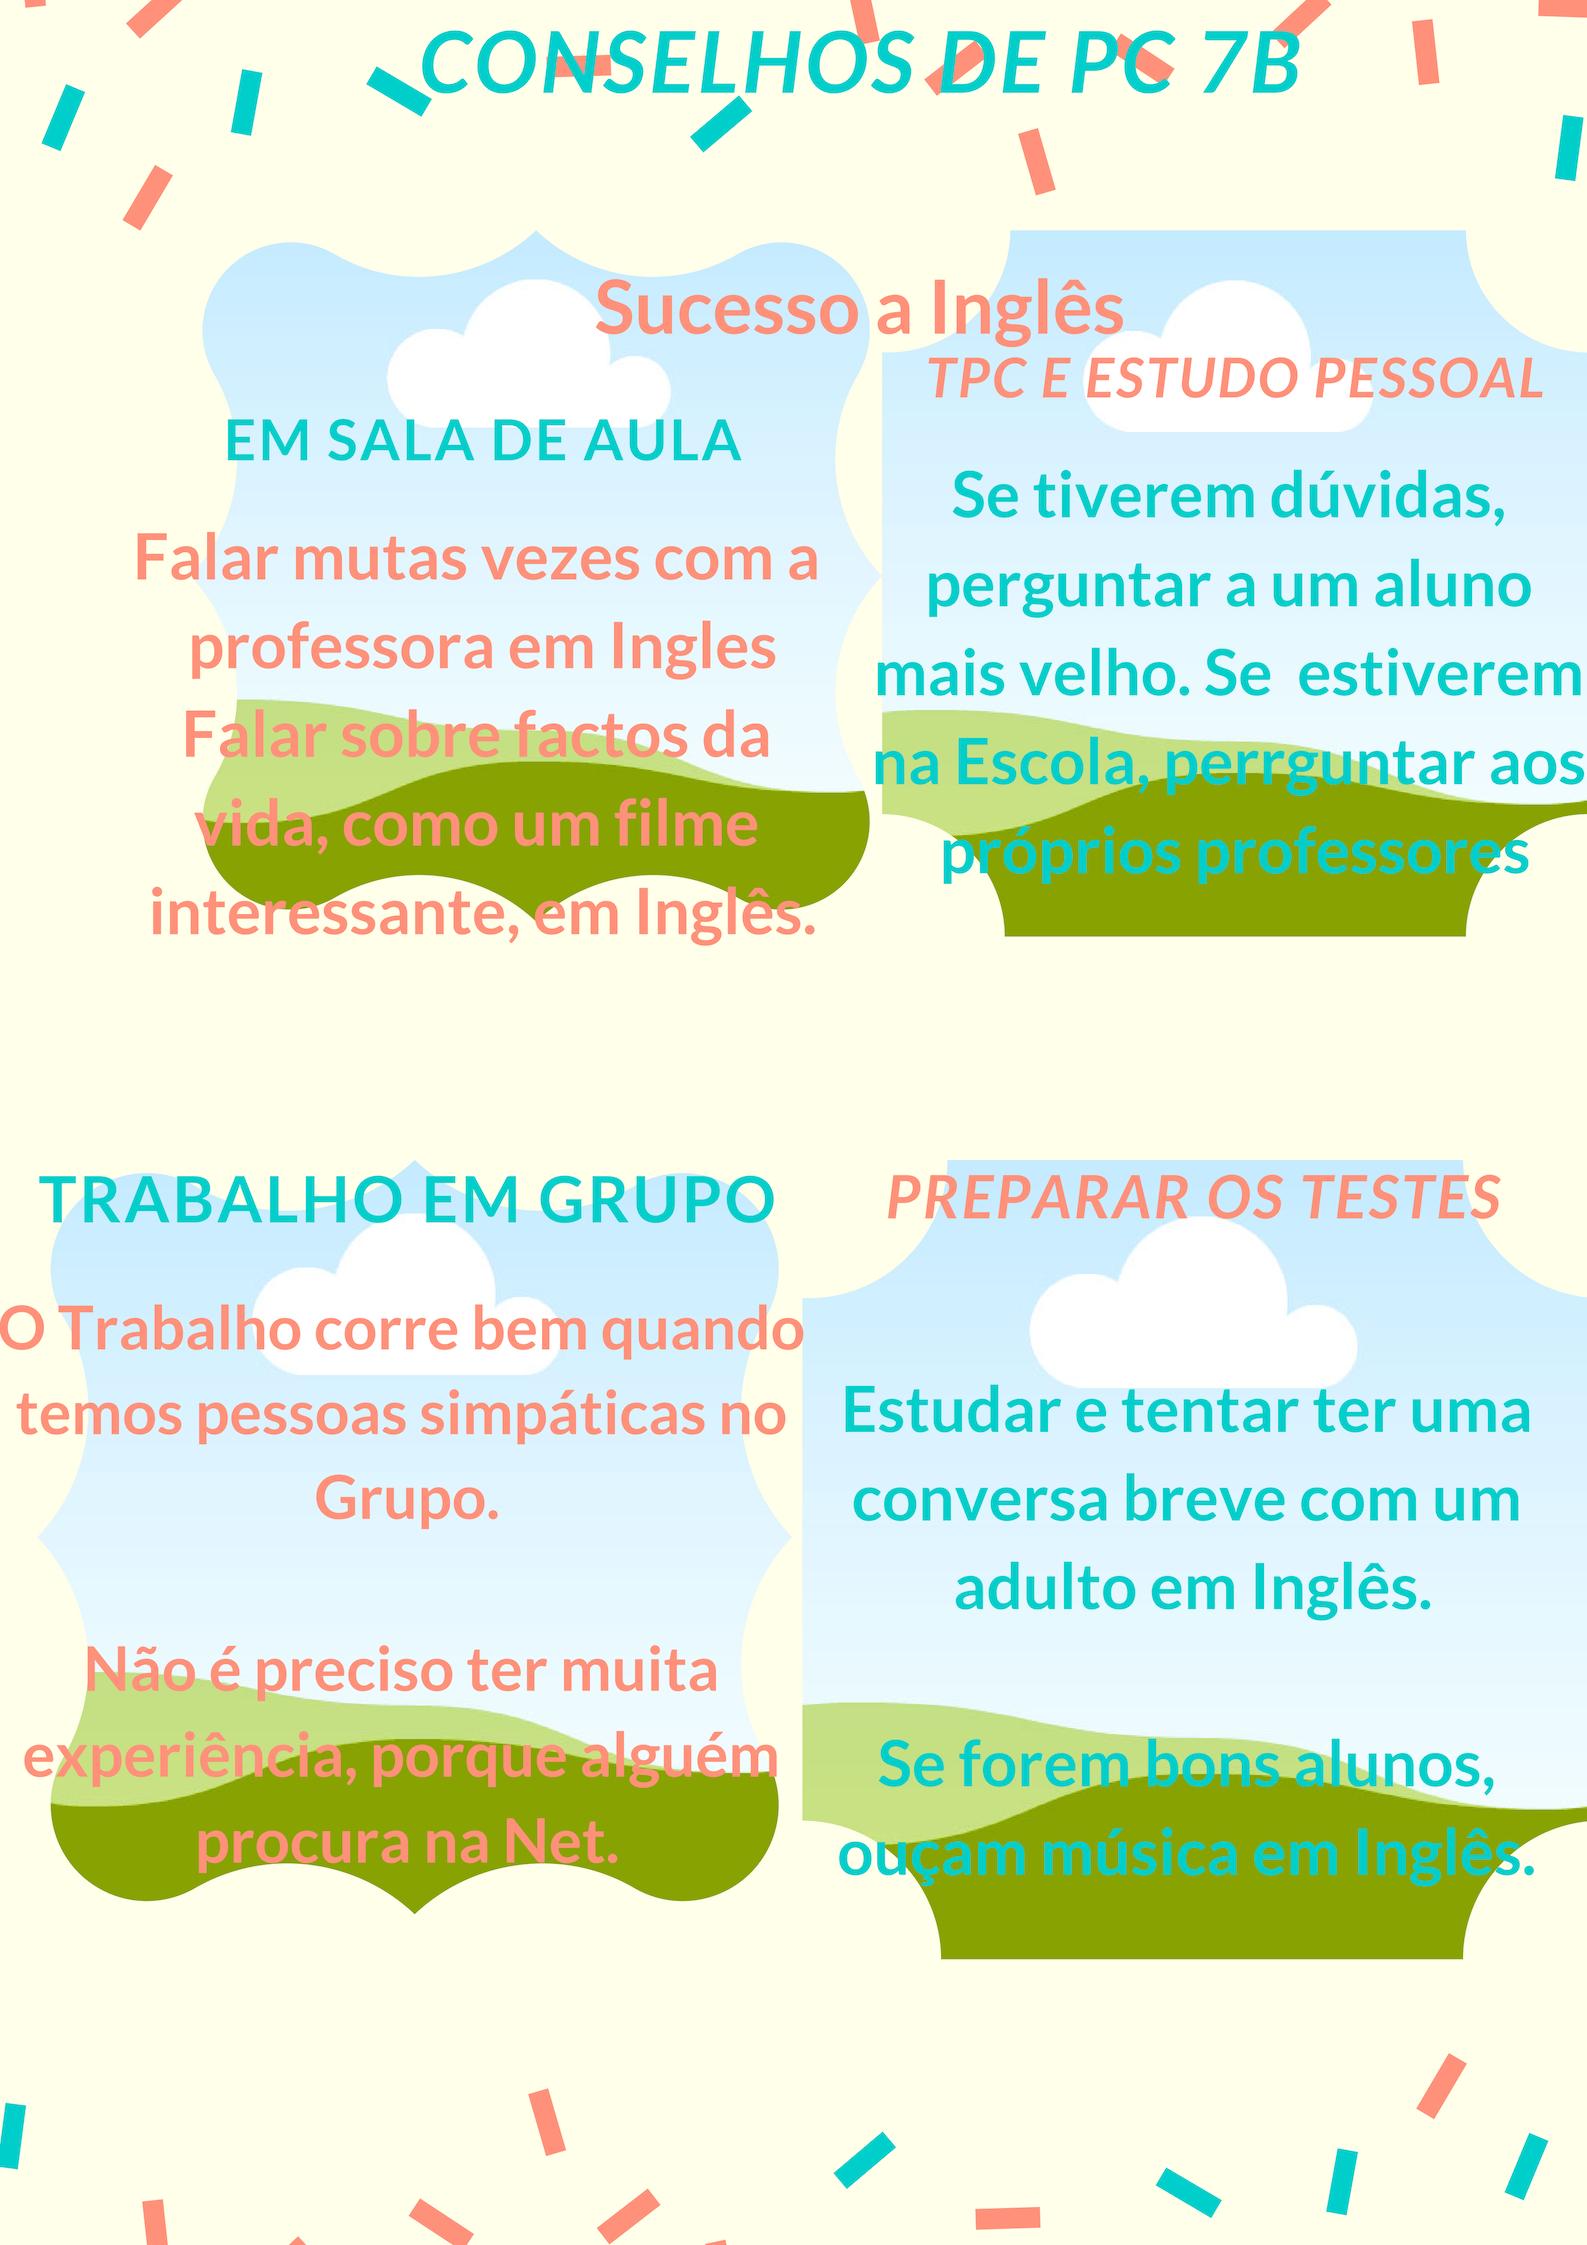 conselhos para um bom estudo a Inglês